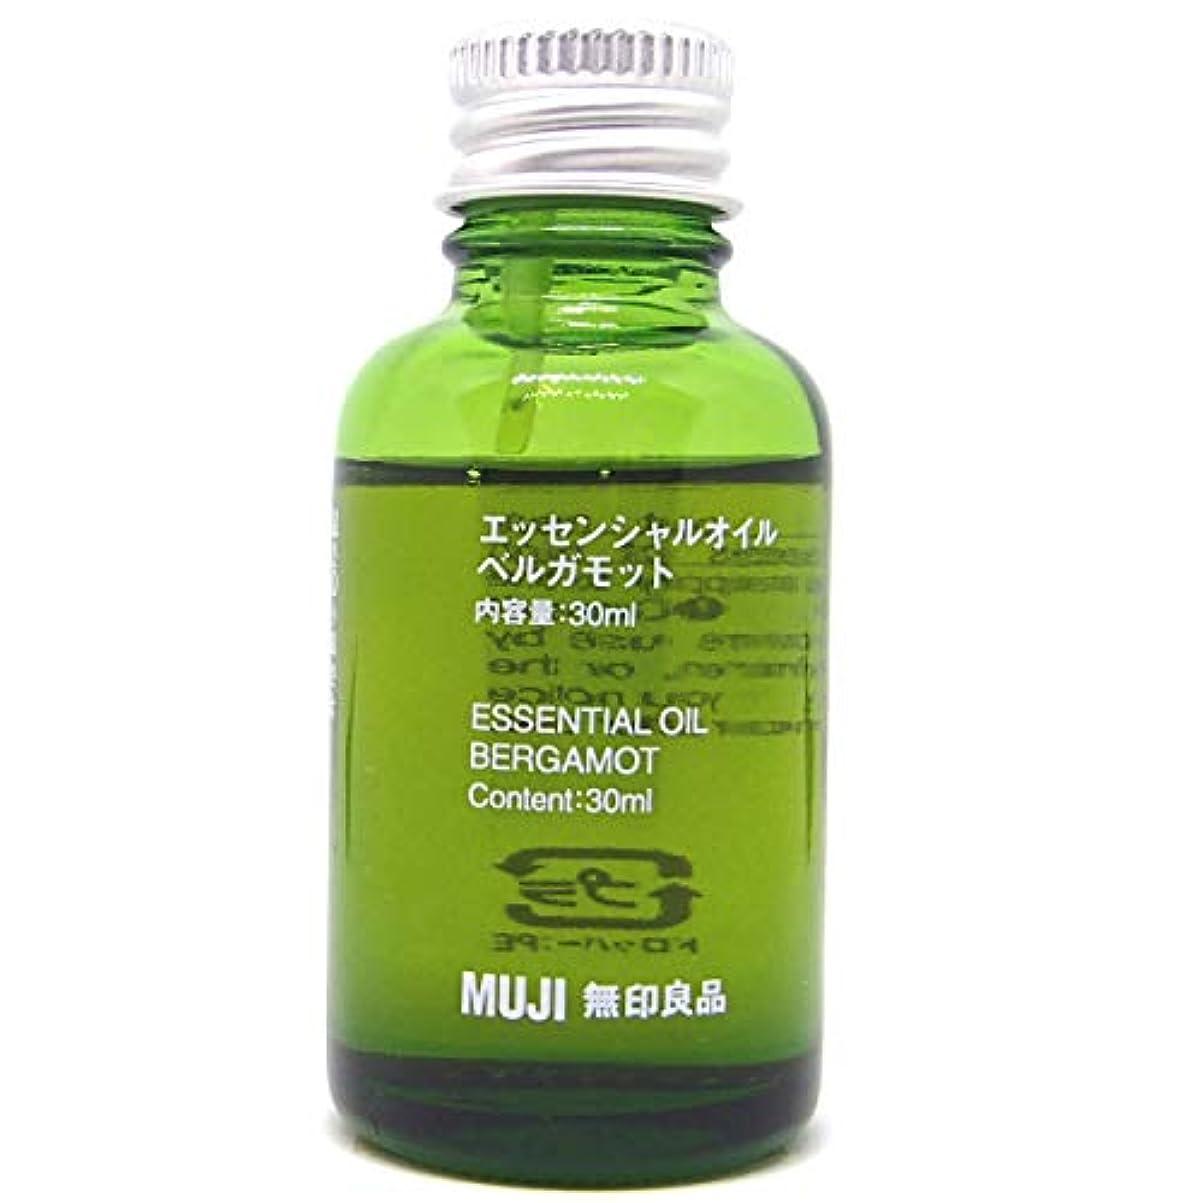 【無印良品】エッセンシャルオイル30ml(ベルガモット)